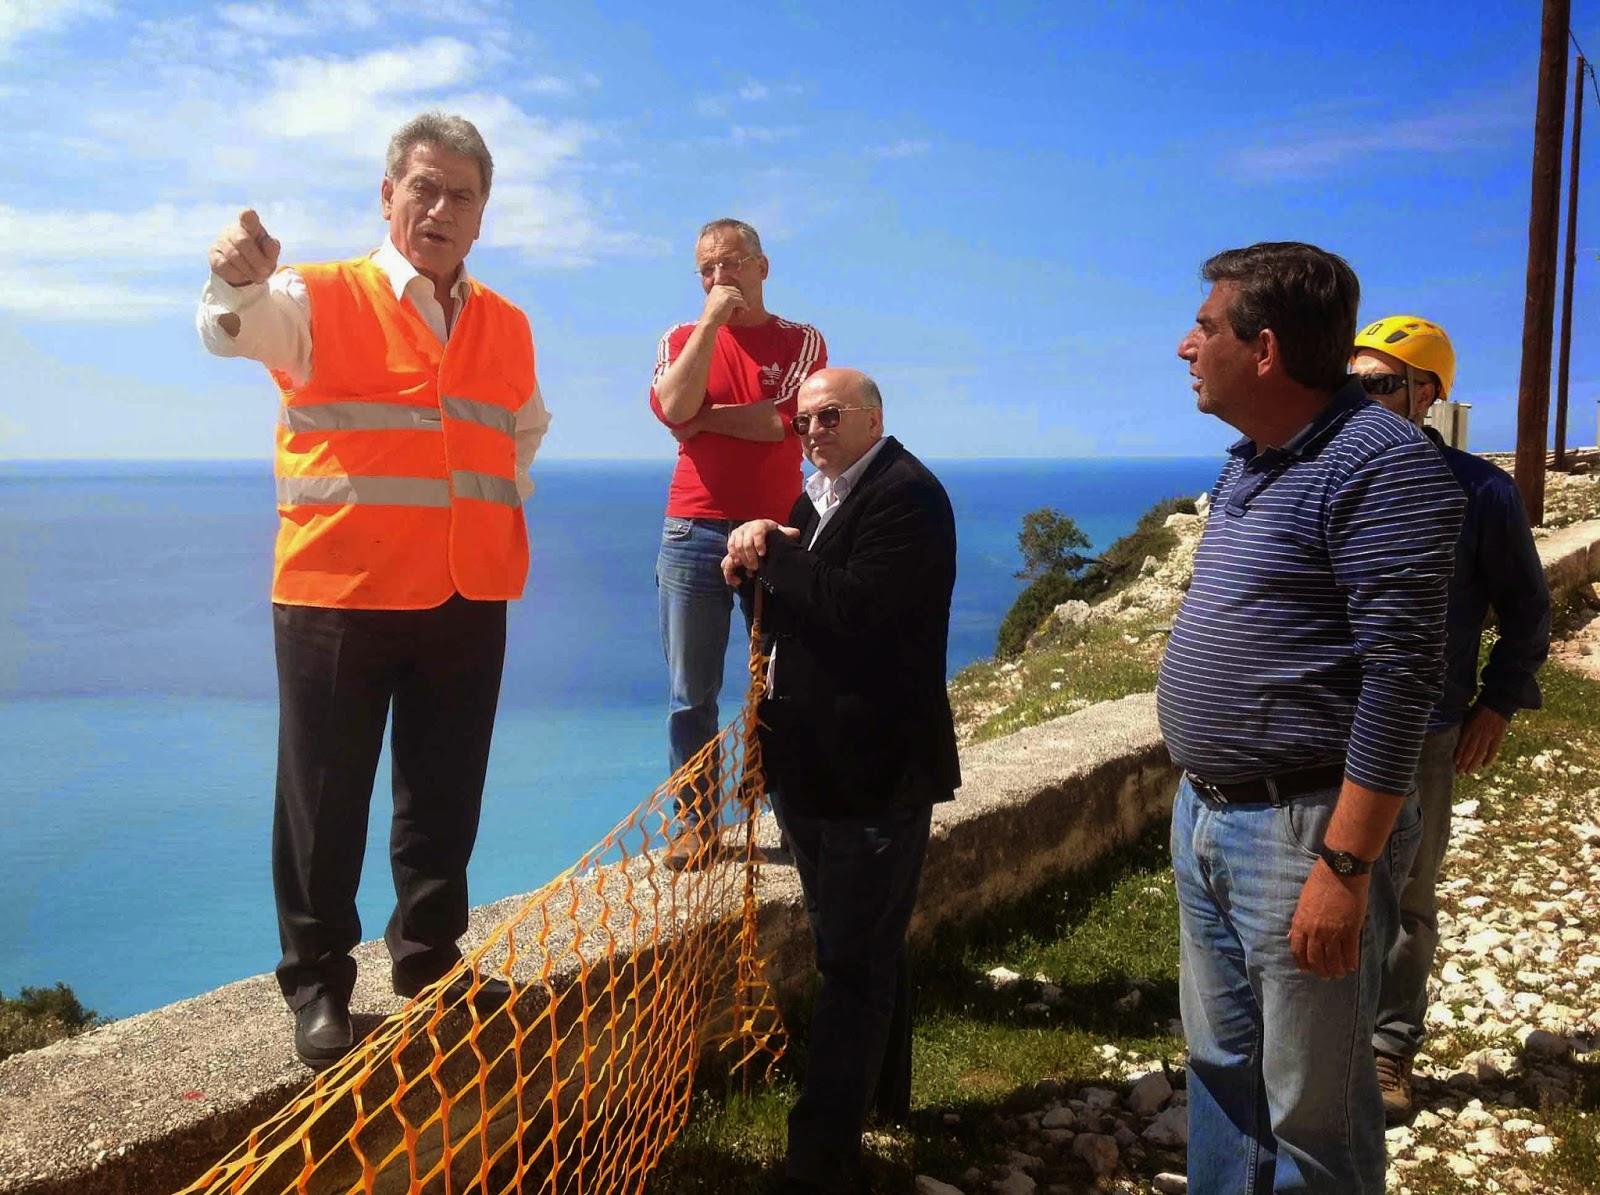 Στην Κεφαλονιά ο Περιφερειάρχης Ιονίων Νήσων – Επιθεώρηση στα έργα που εκτελούνται